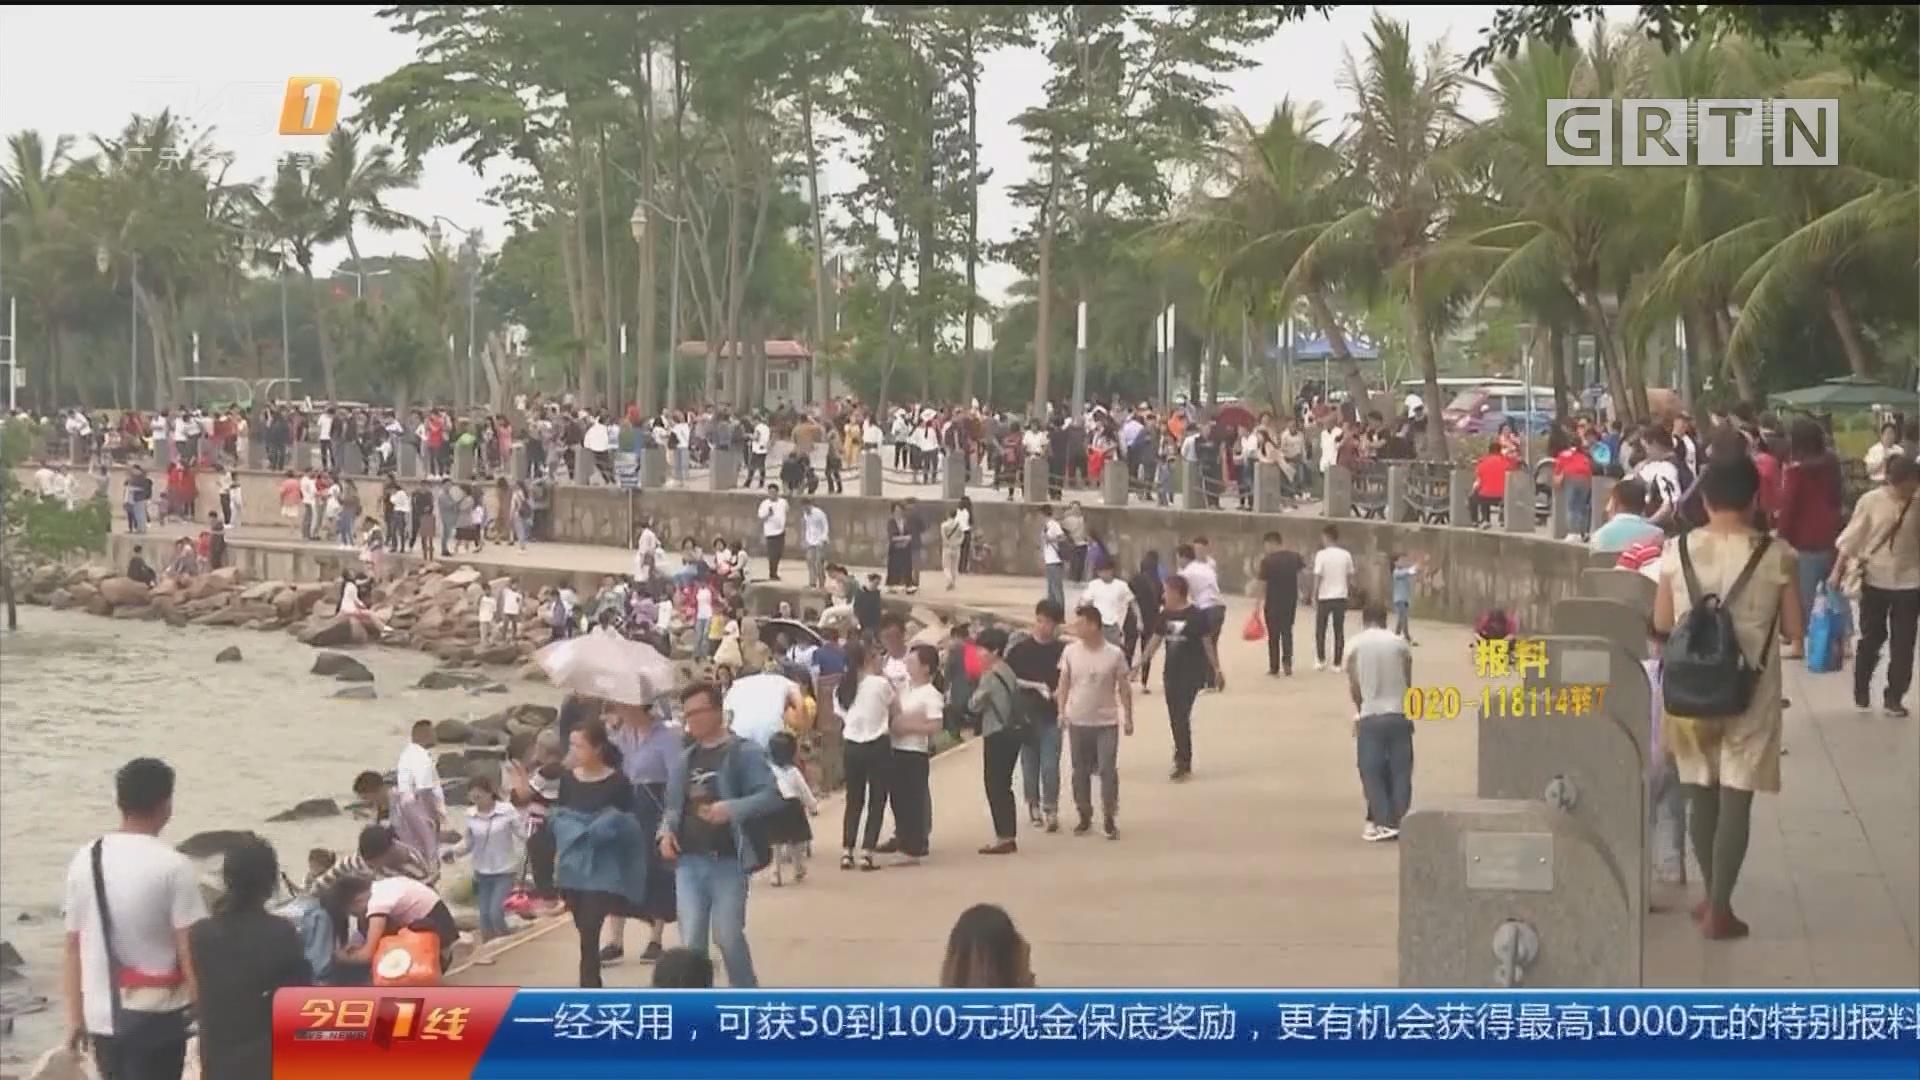 """五一假期出行:深圳湾公园 40万人""""挤爆""""公园 上厕所要等一小时?"""